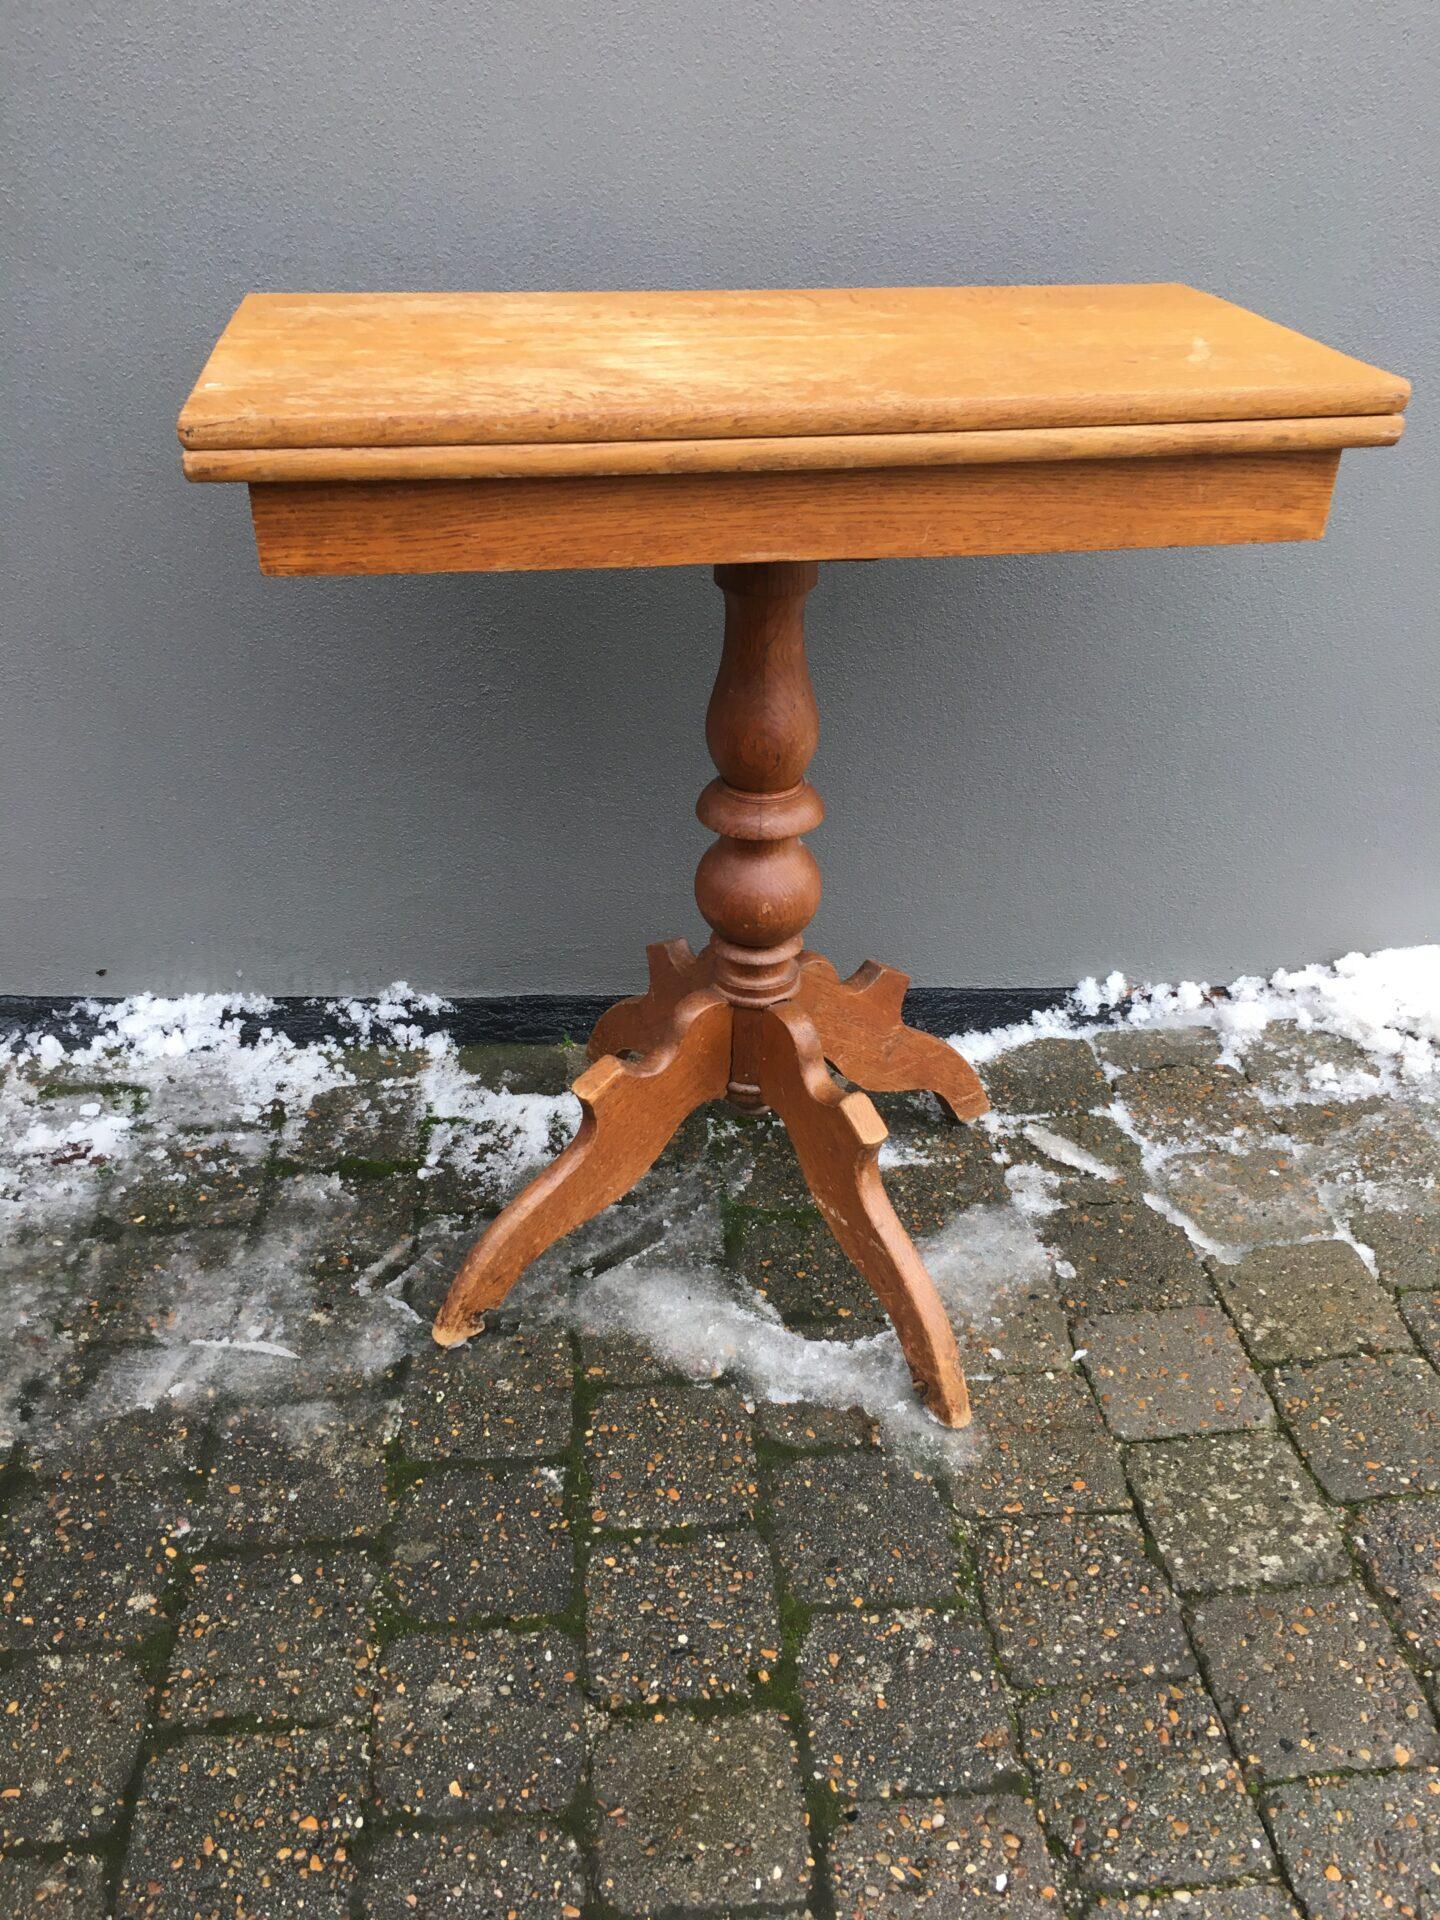 Antikt spillebord, egetræ, h=76 cm, plade= 36x71 cm (ej udslået)